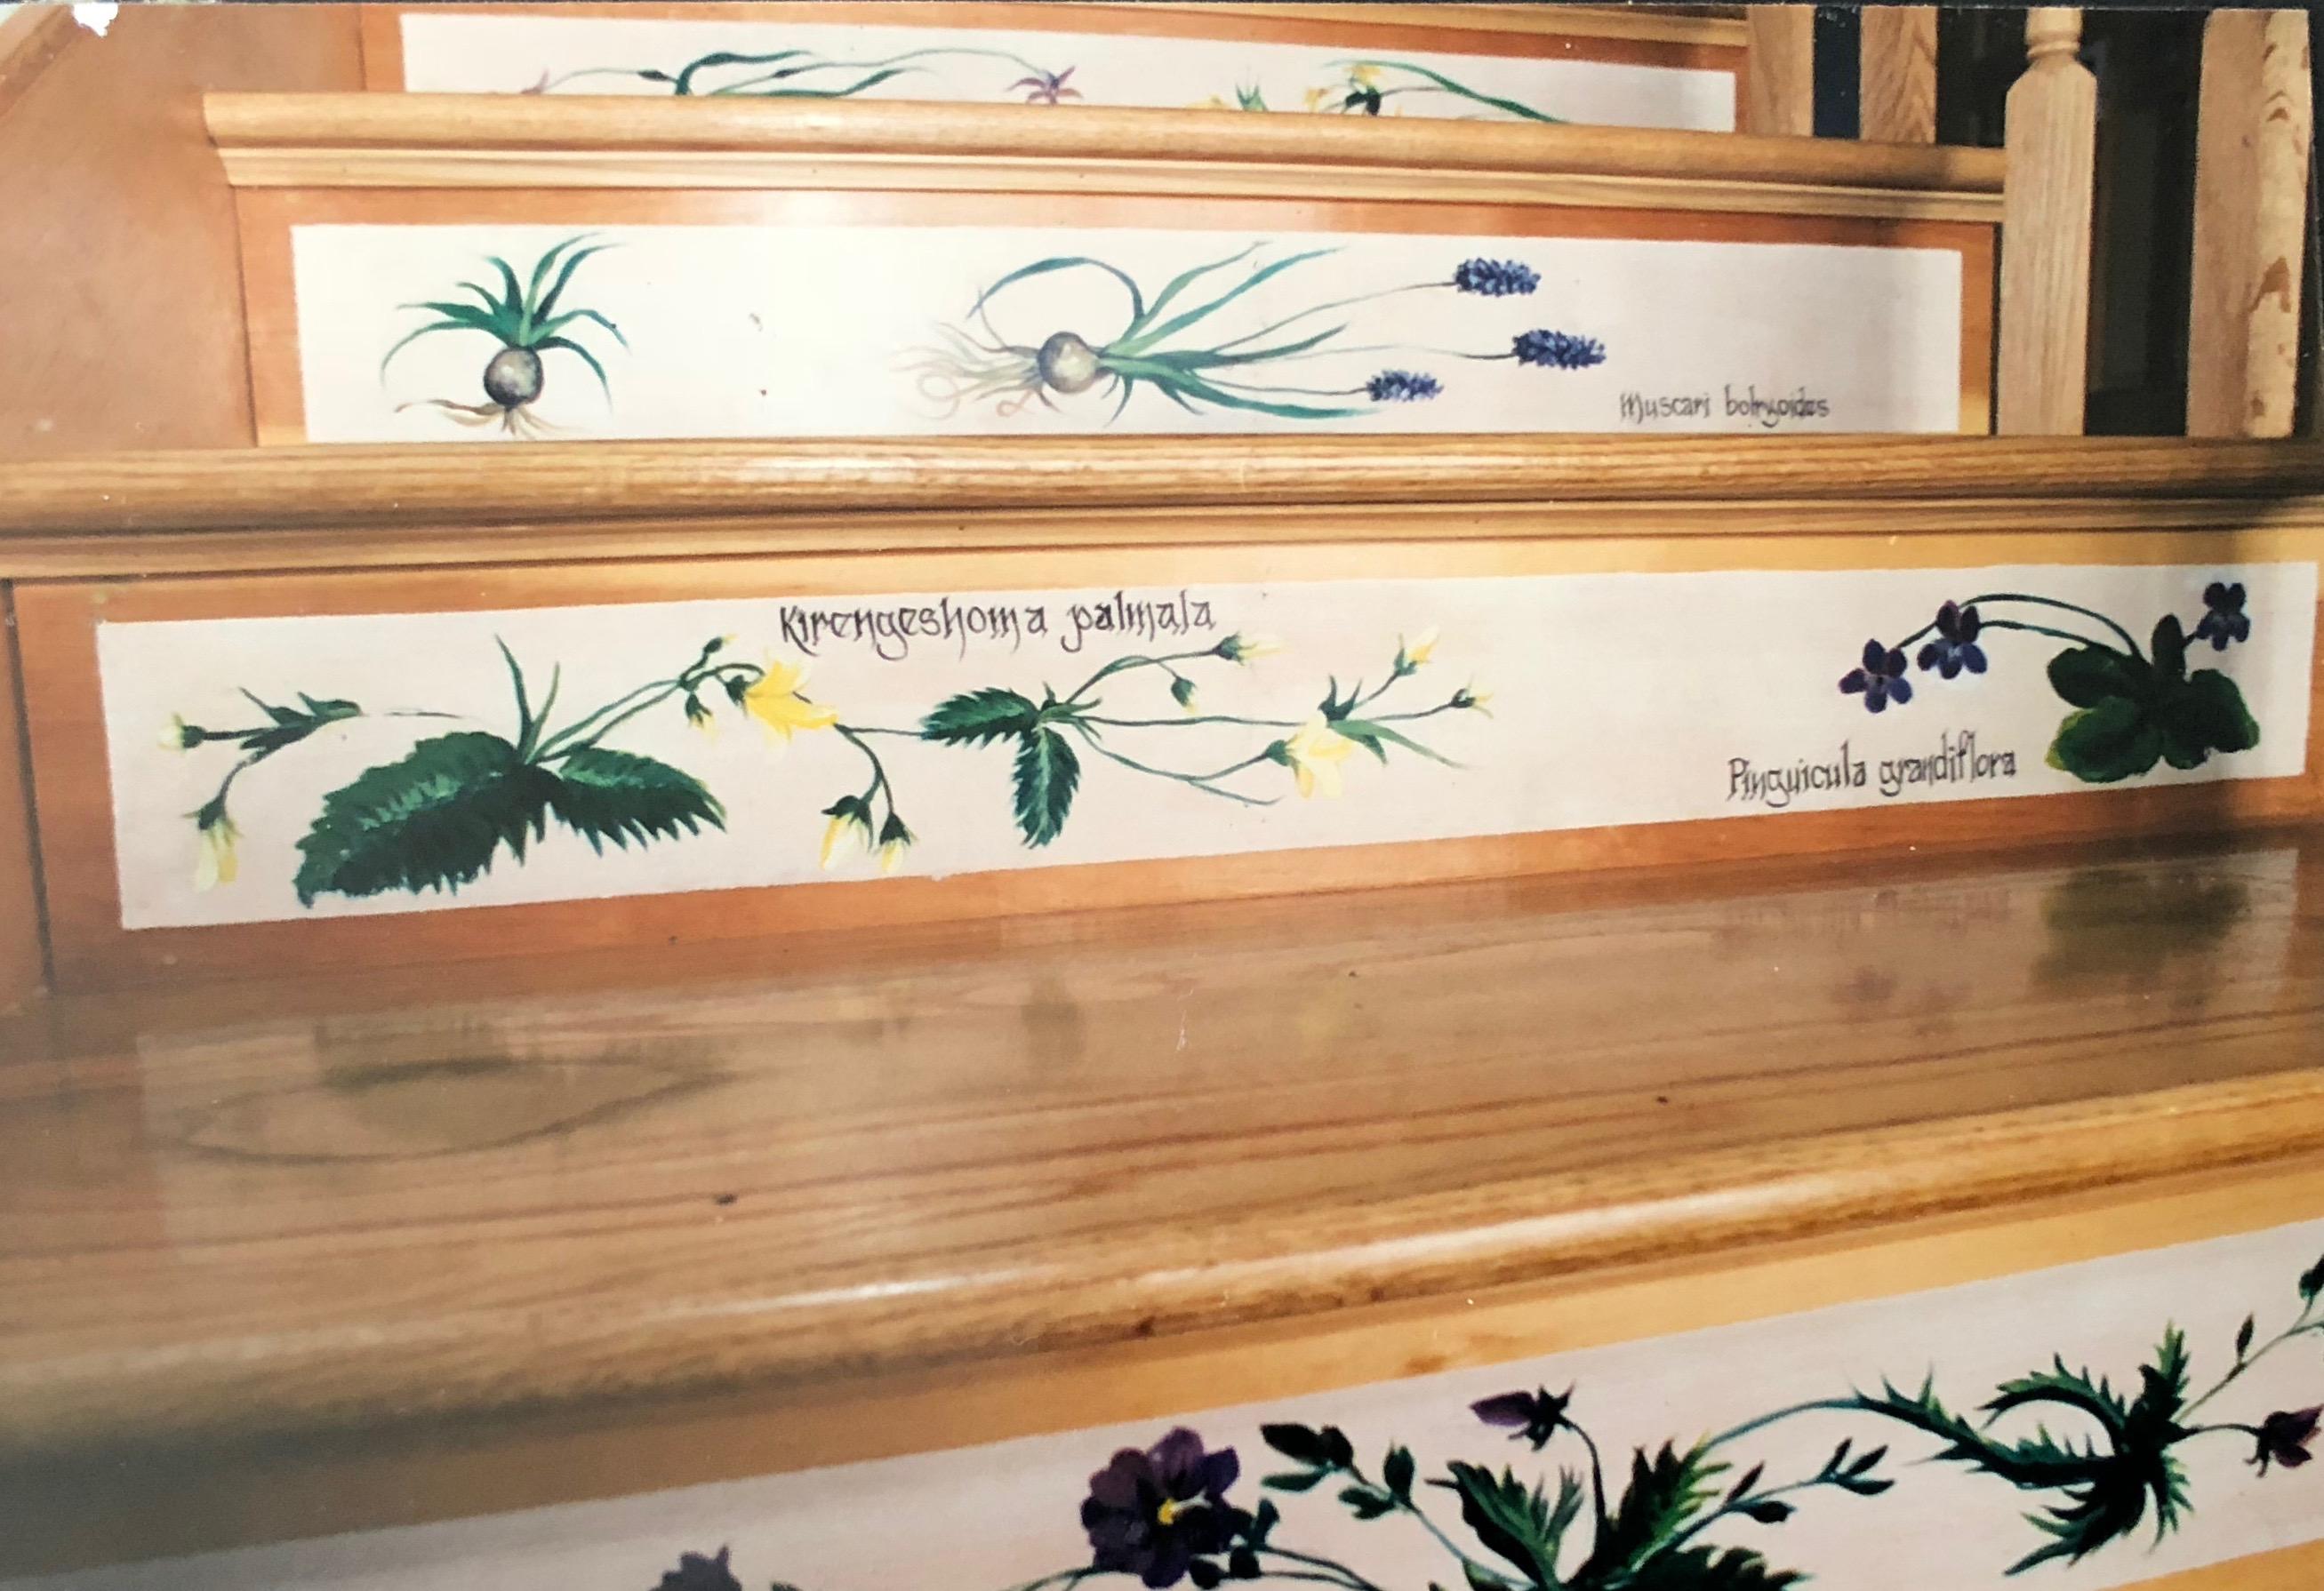 paintedsurfacesflowerstairs